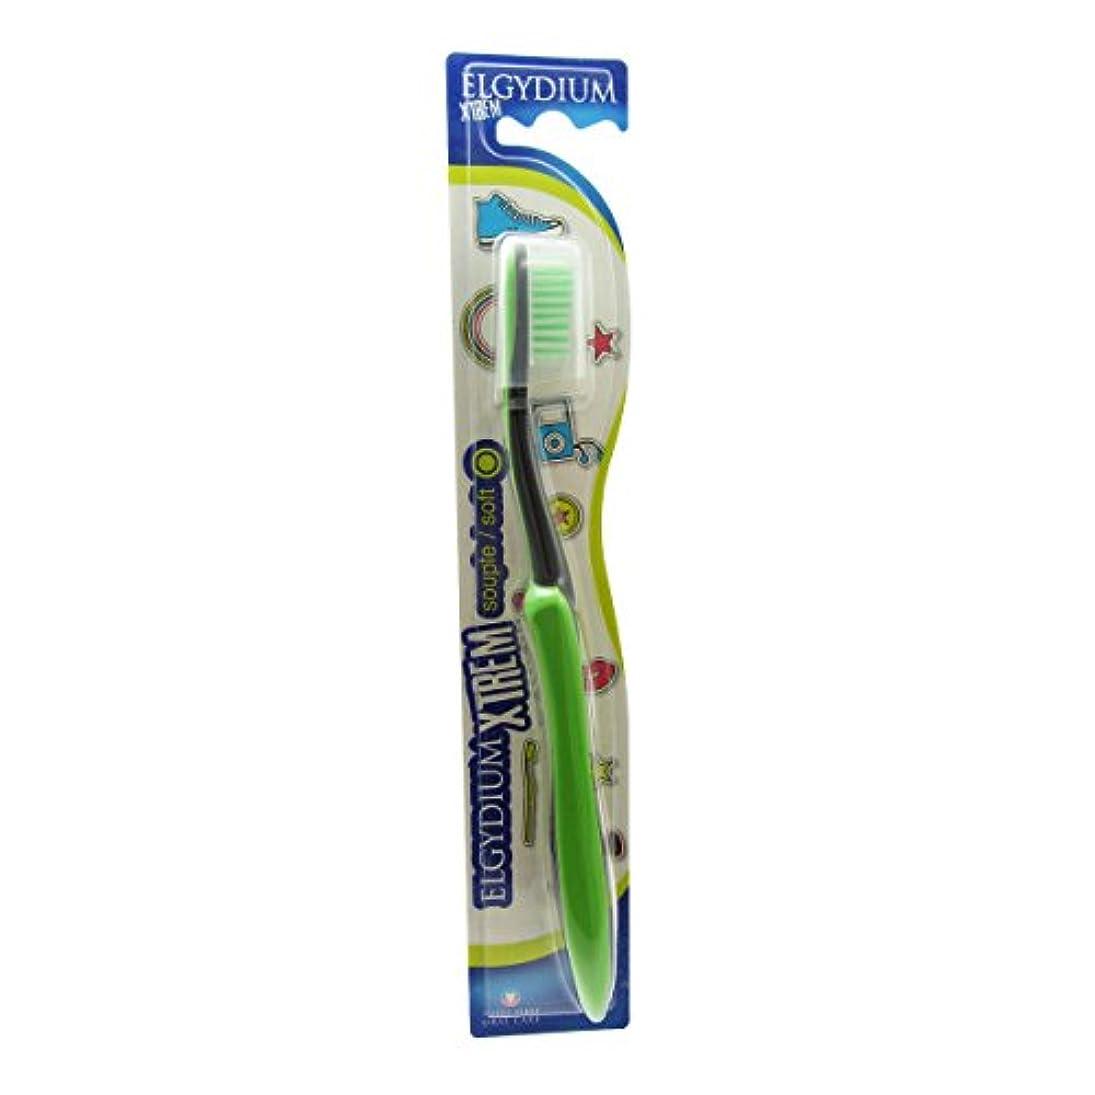 確執思われる超えてElgydium Xtrem Toothbrush Soft Hardness [並行輸入品]